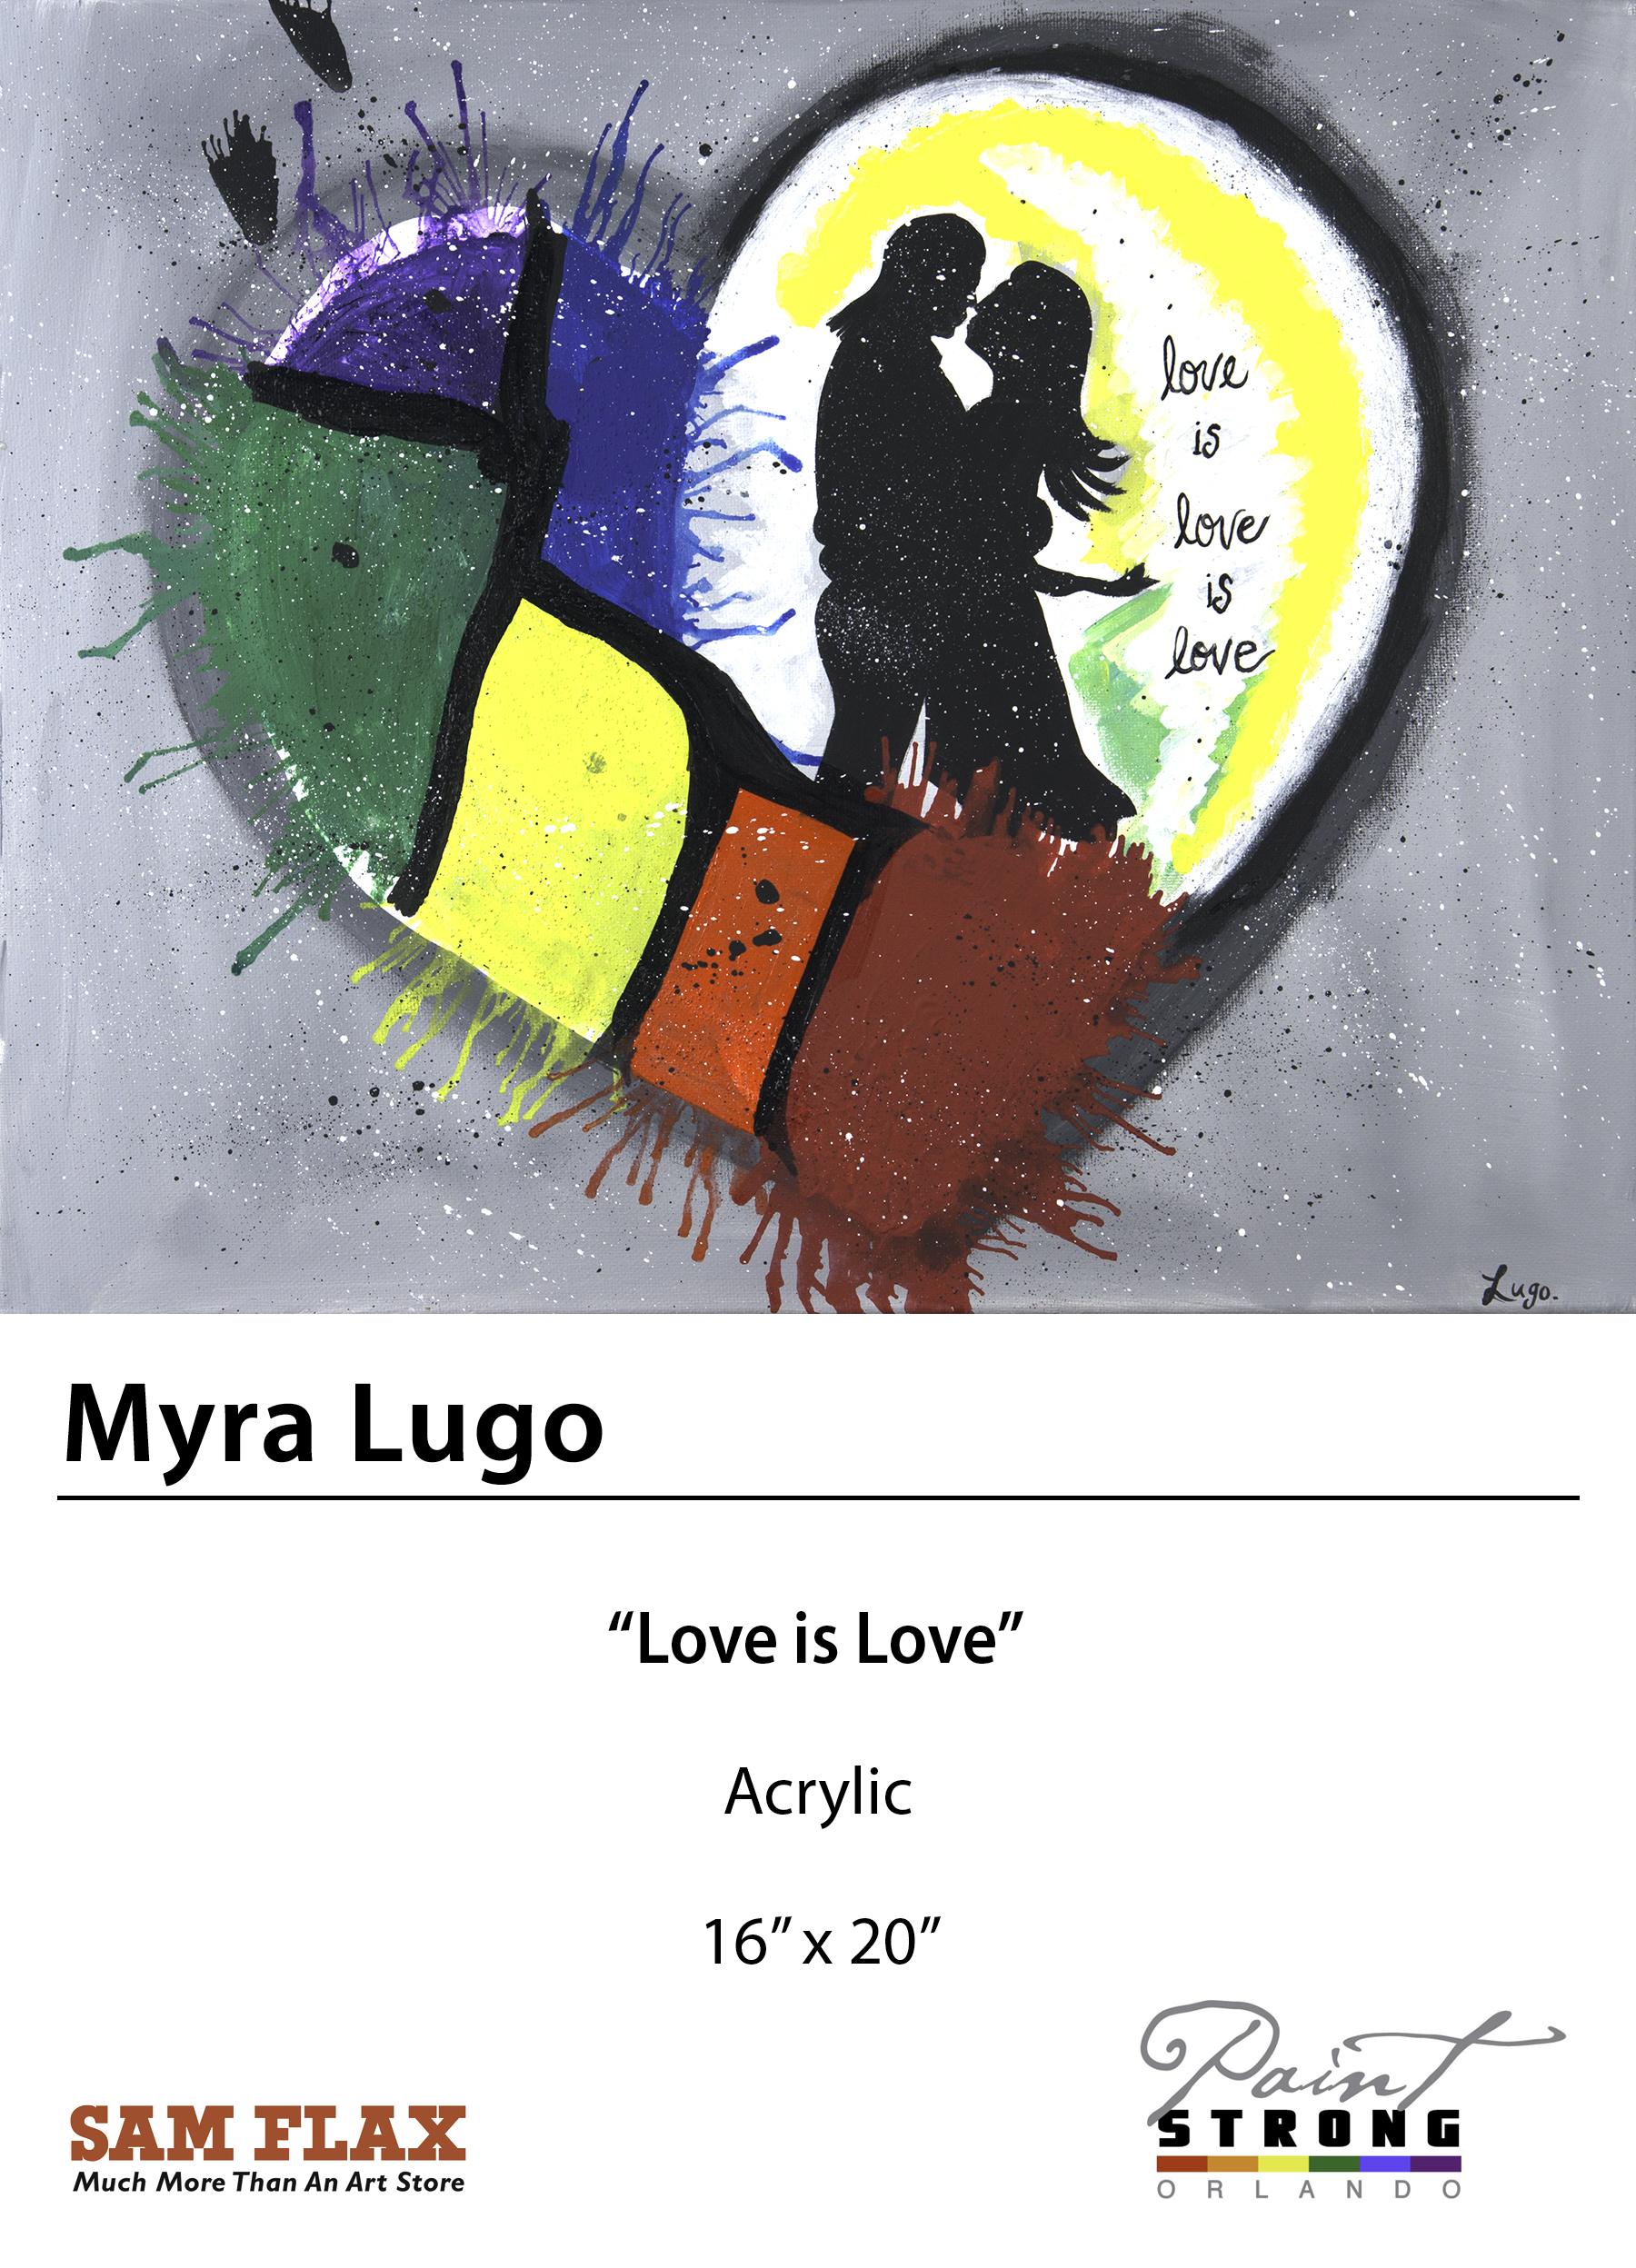 Myra Lugo